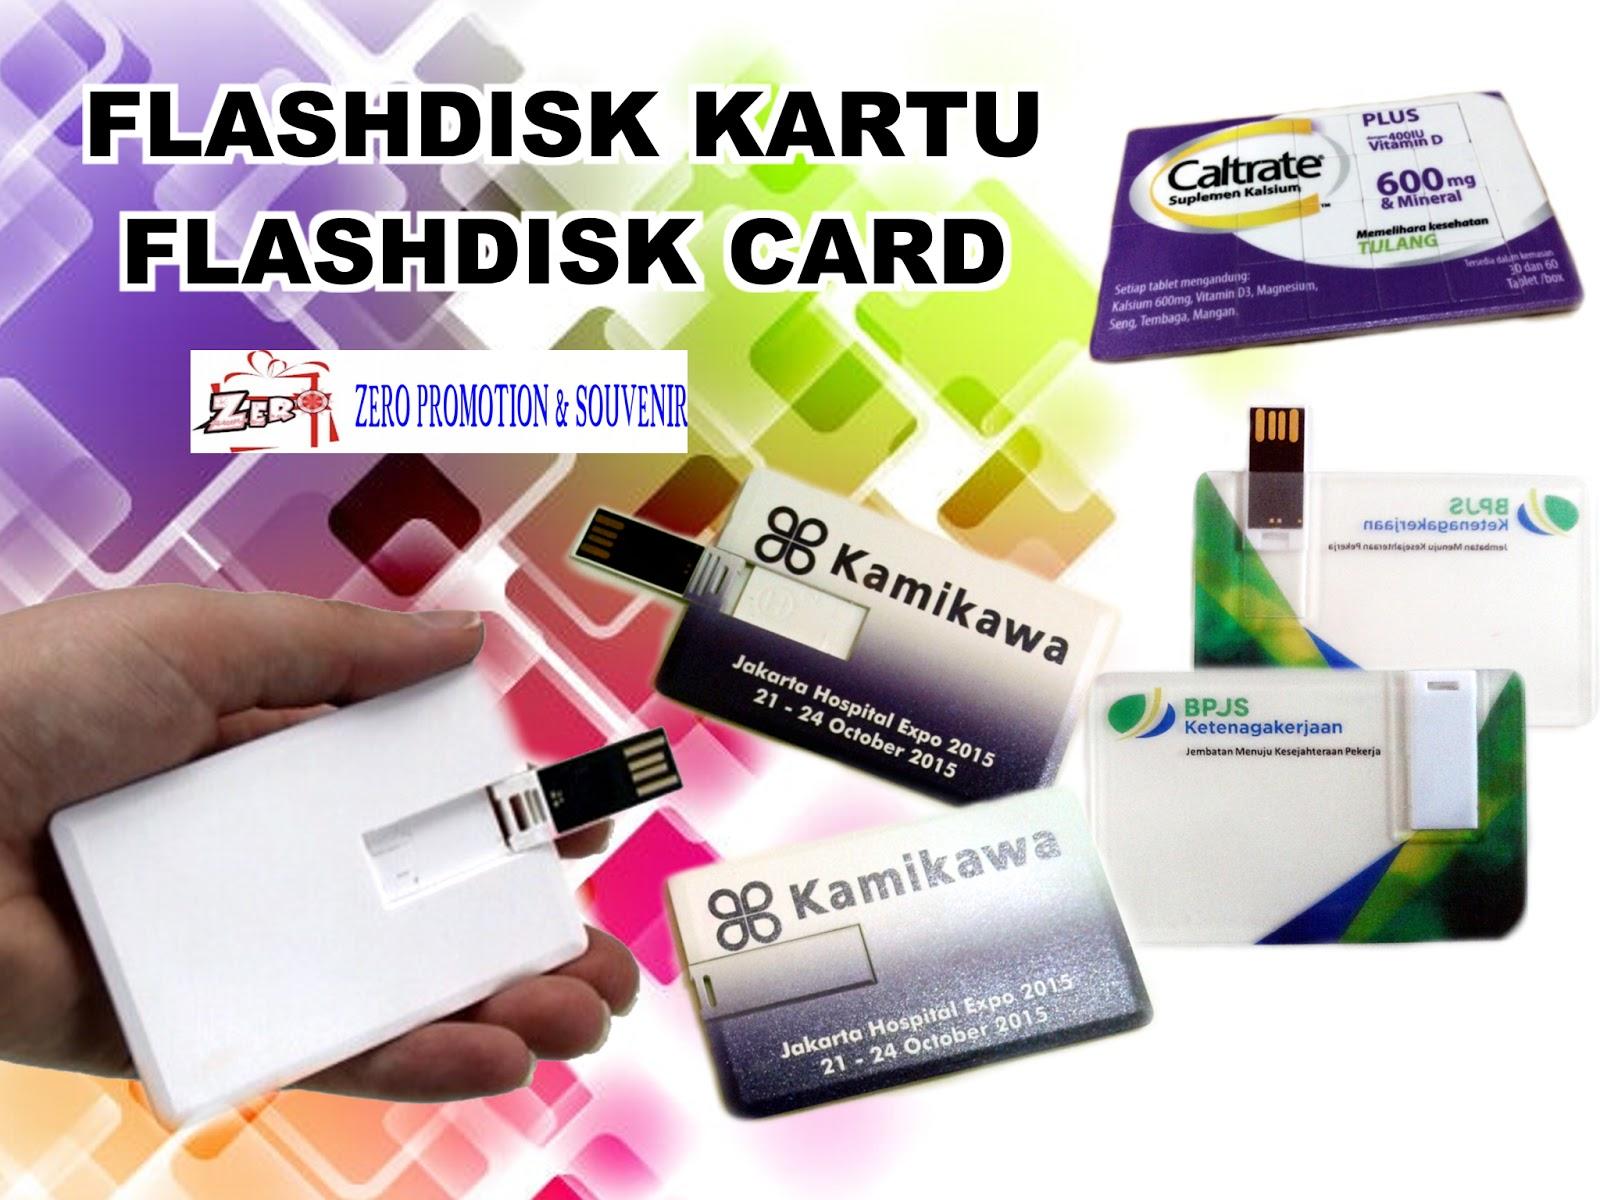 Jual Flashdisk Kartu Usb Id Card Termurah Atm Kredit Bentuk